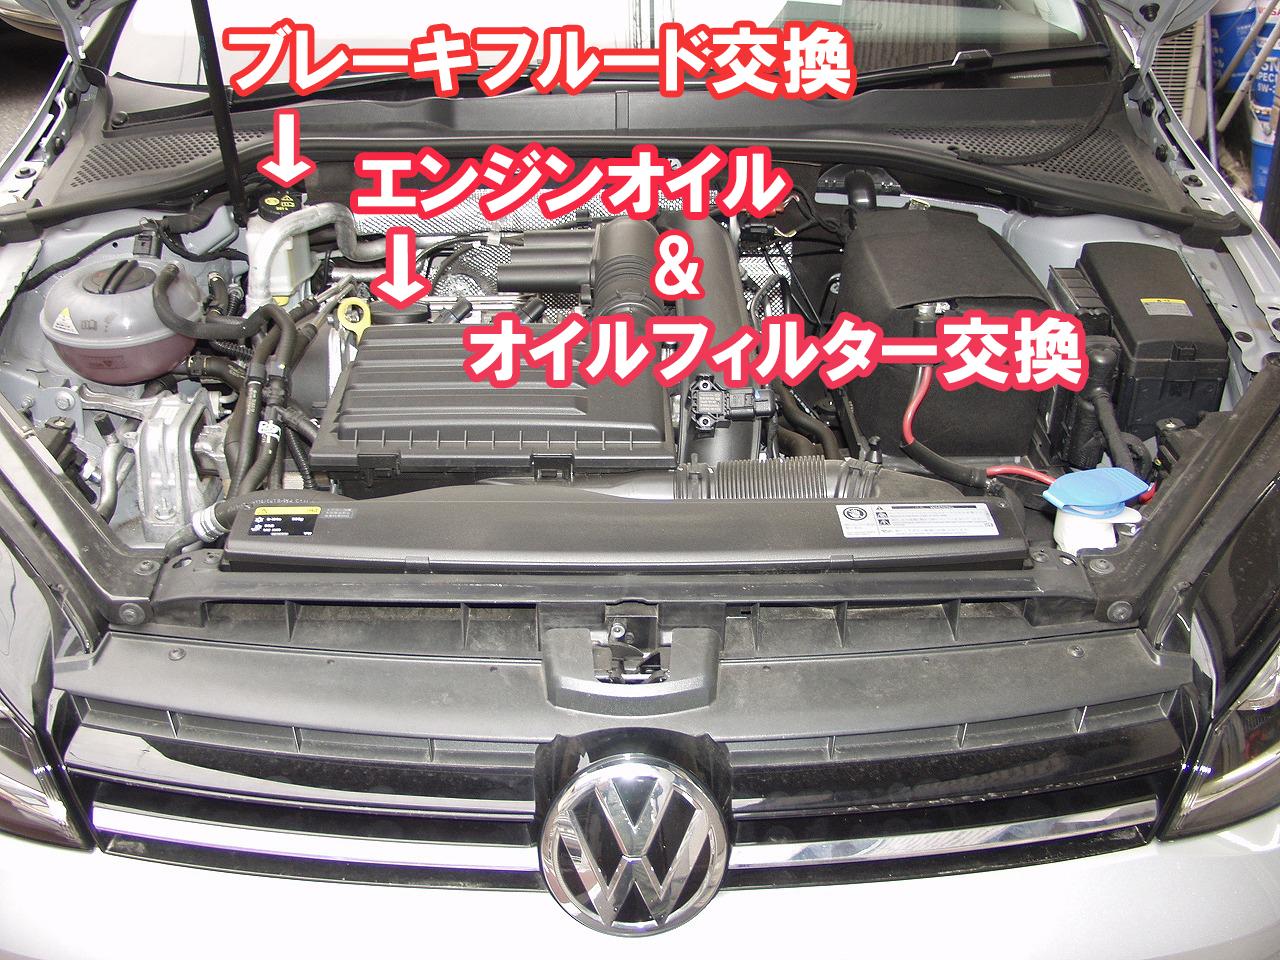 VWゴルフ7のオイル交換費用